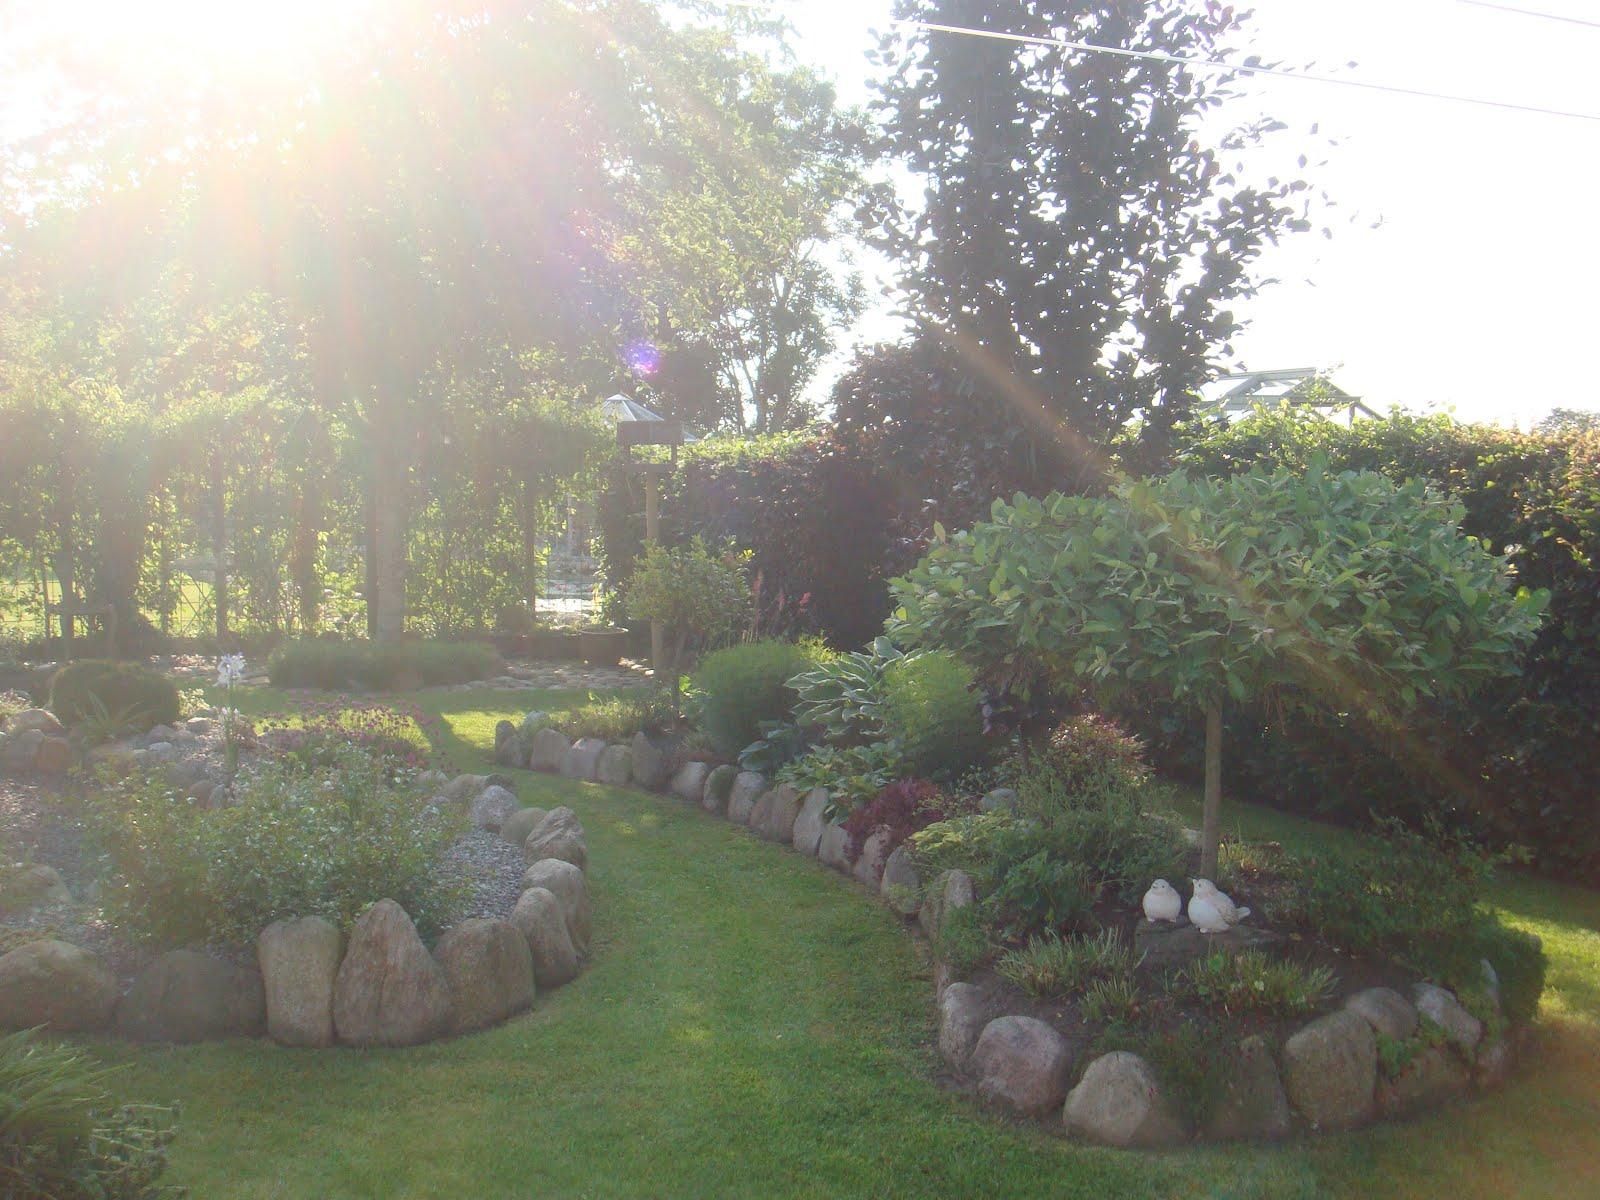 Møllebakkehaven: rundtur i haven